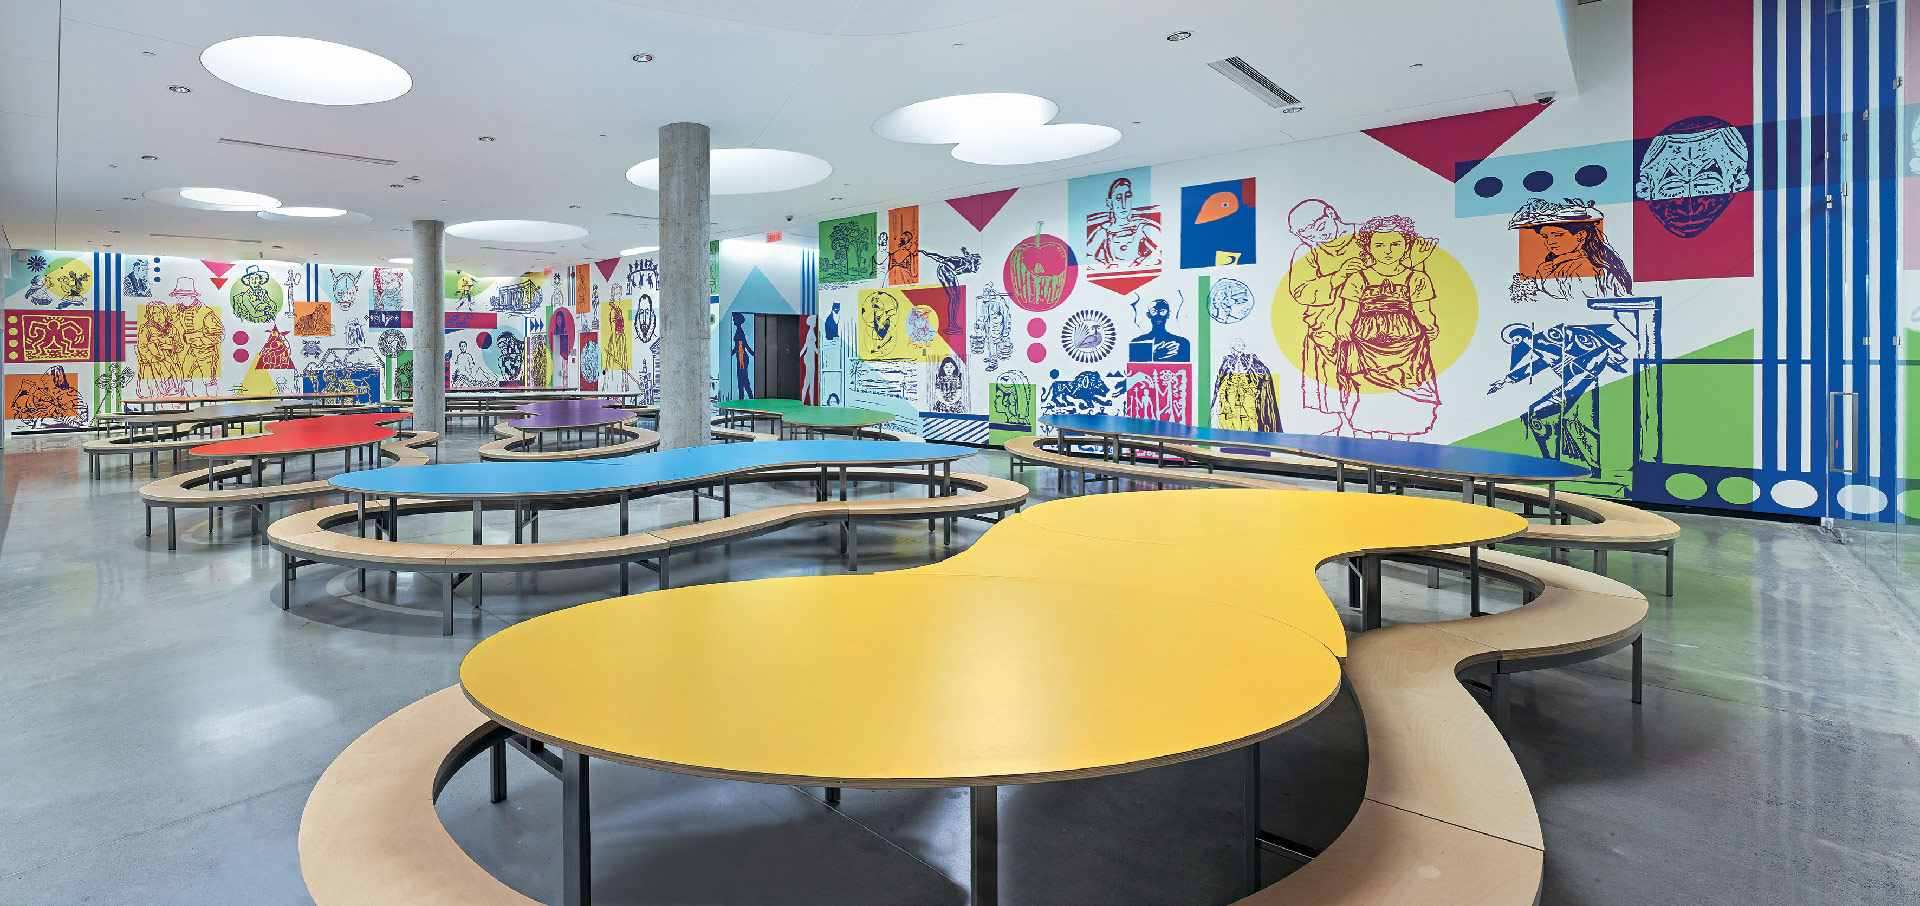 Le Pavillon pour la Paix Michal et Renata Hornstein, niveau S2 – Espace Arc-en-ciel, avec les murales du collectif MU. Musée des beaux-arts de Montréal.